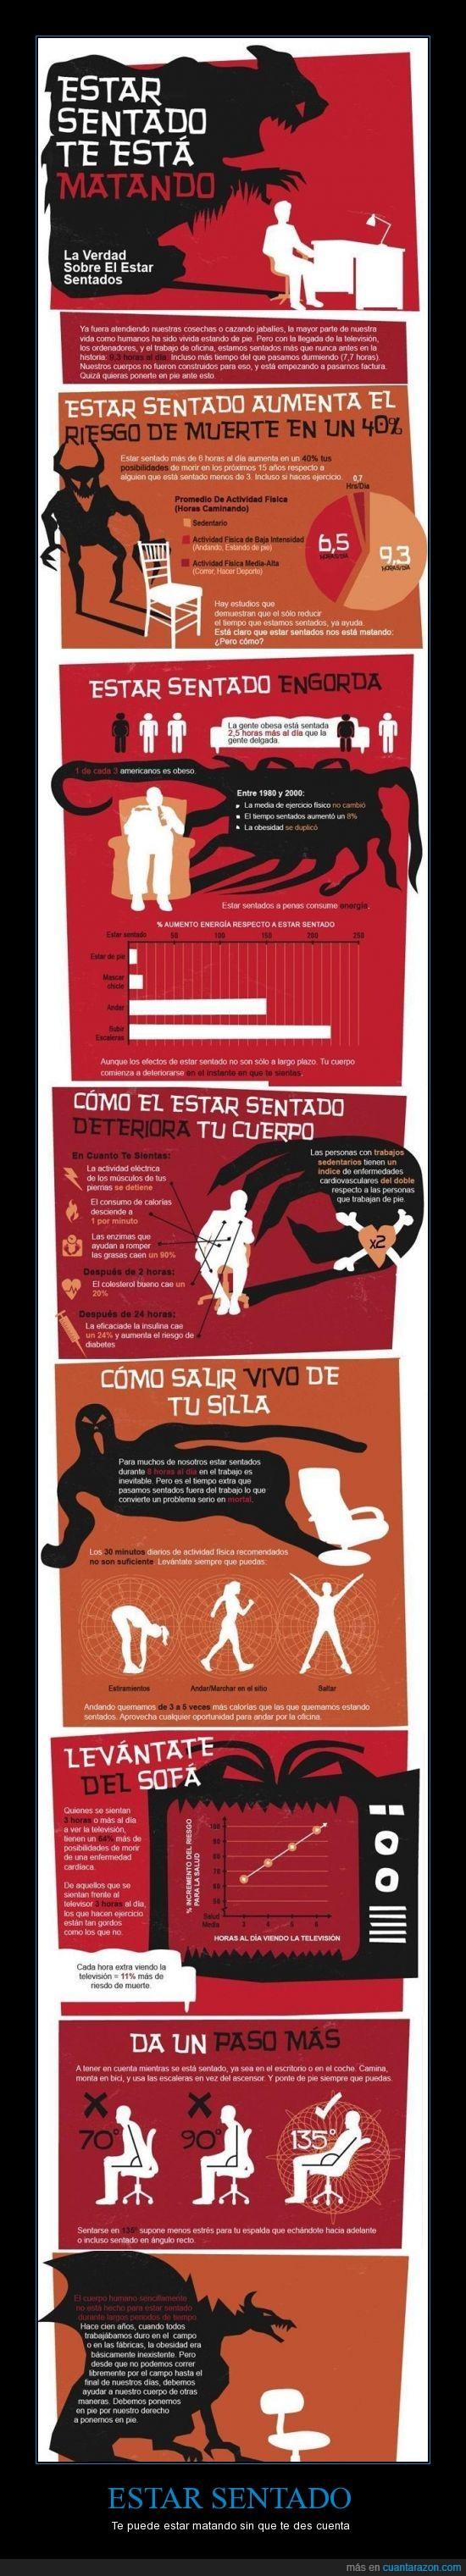 cuerpo humano,dragon,Estar sentado,matar,posicion,silla